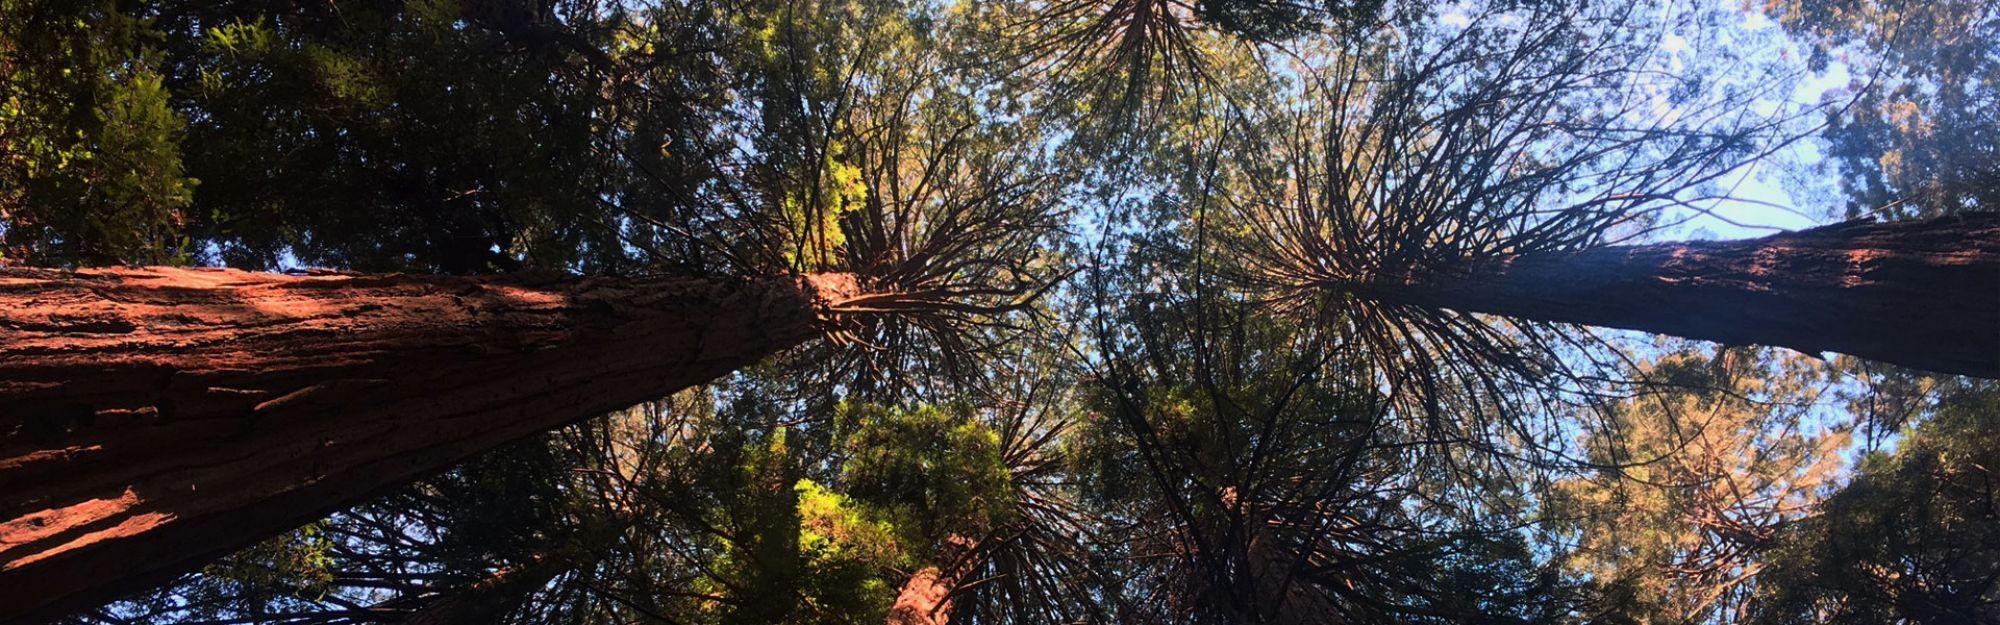 San Francisco Muir Woods Tour